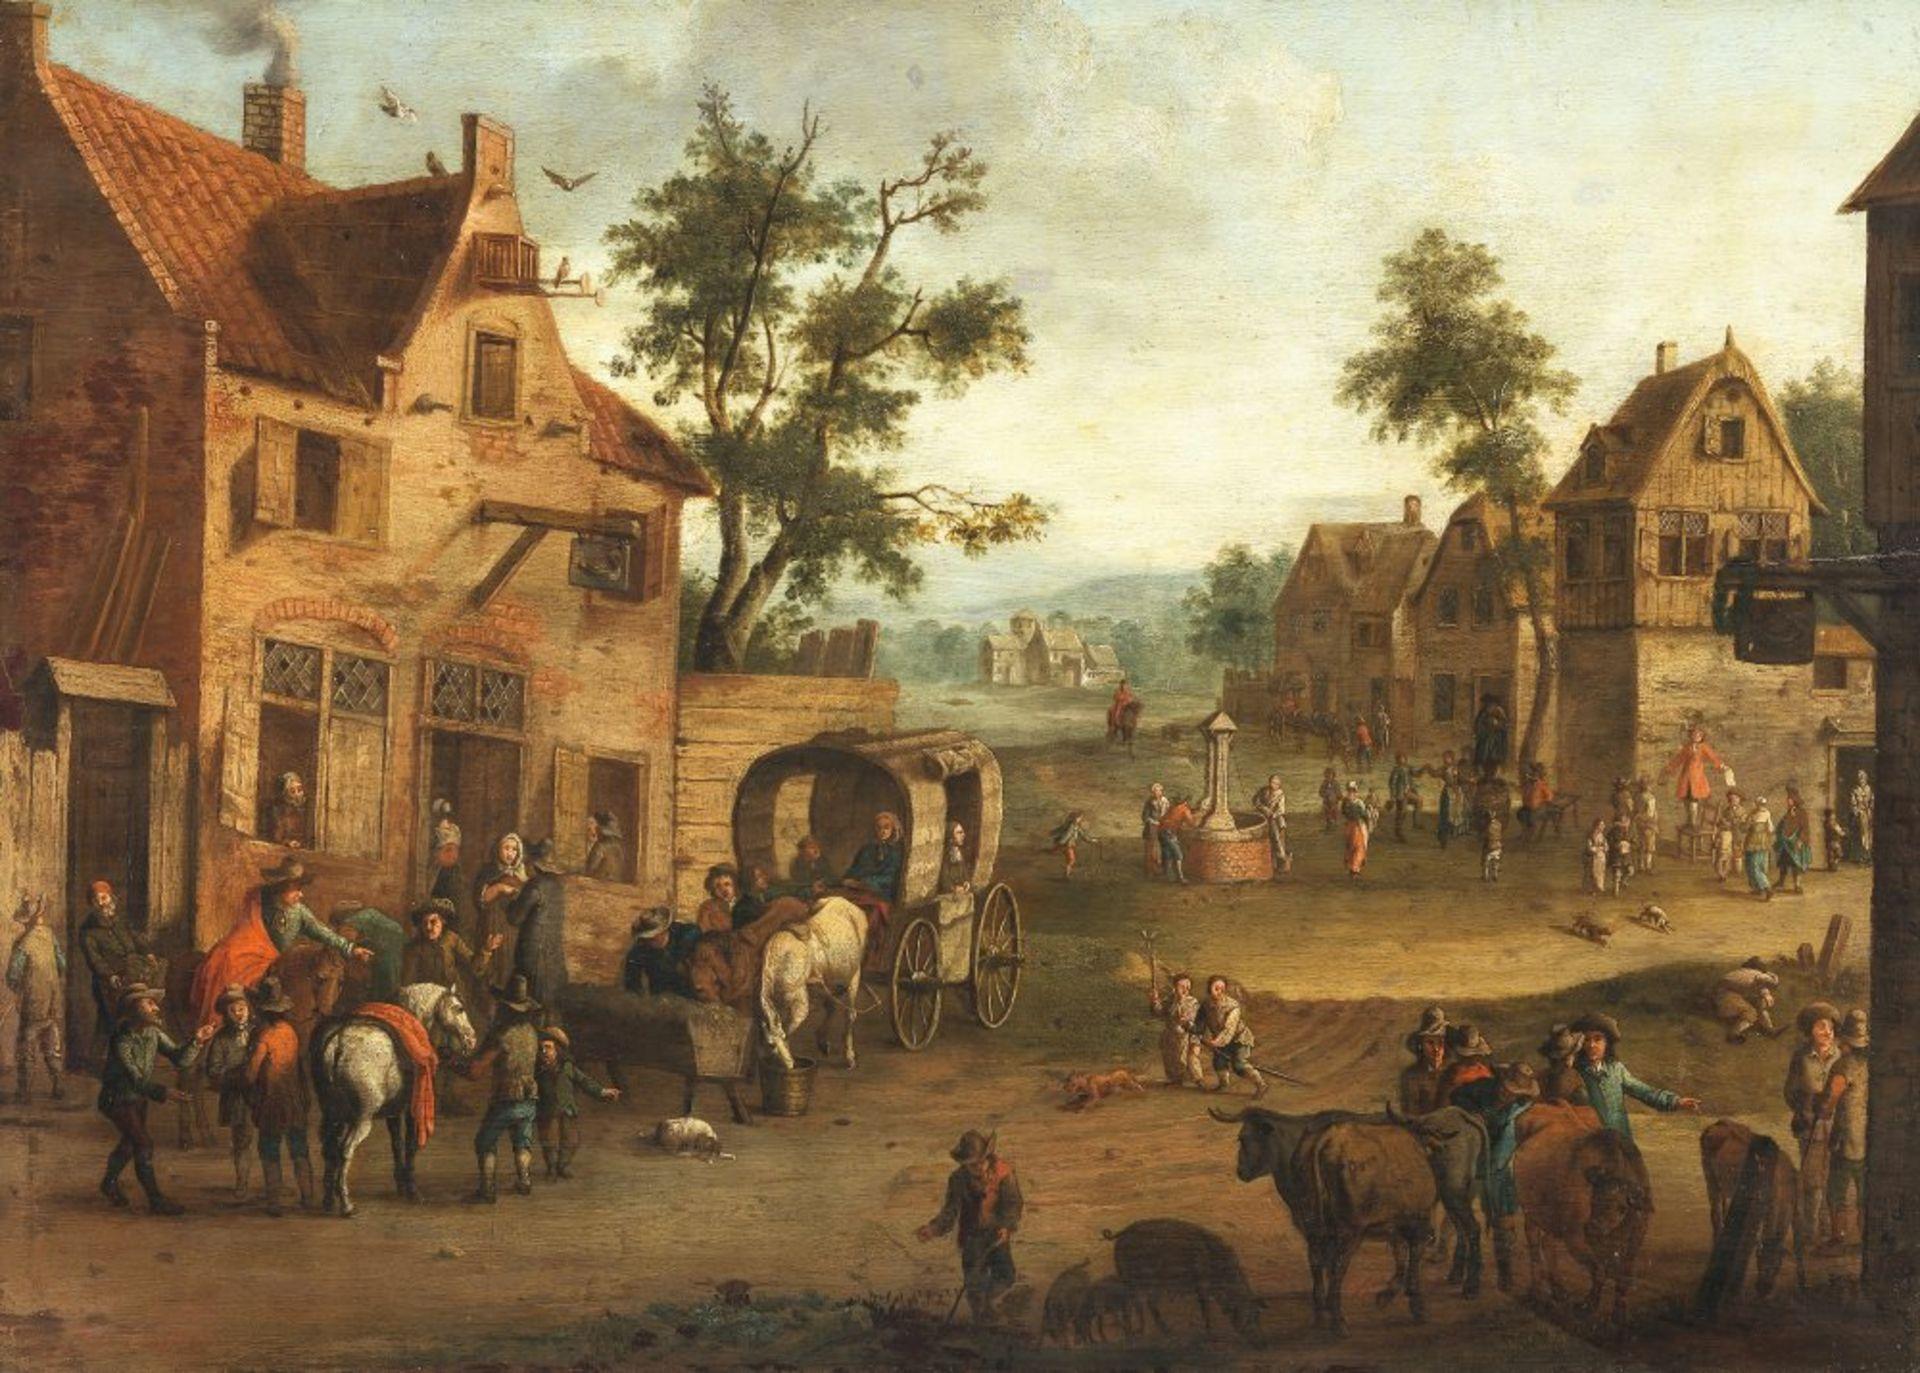 Droochsloot, Joost Cornelisz, Art desNiederlande, 17. Jh. Breite Dorfstraße mit Kutsche und Bauern